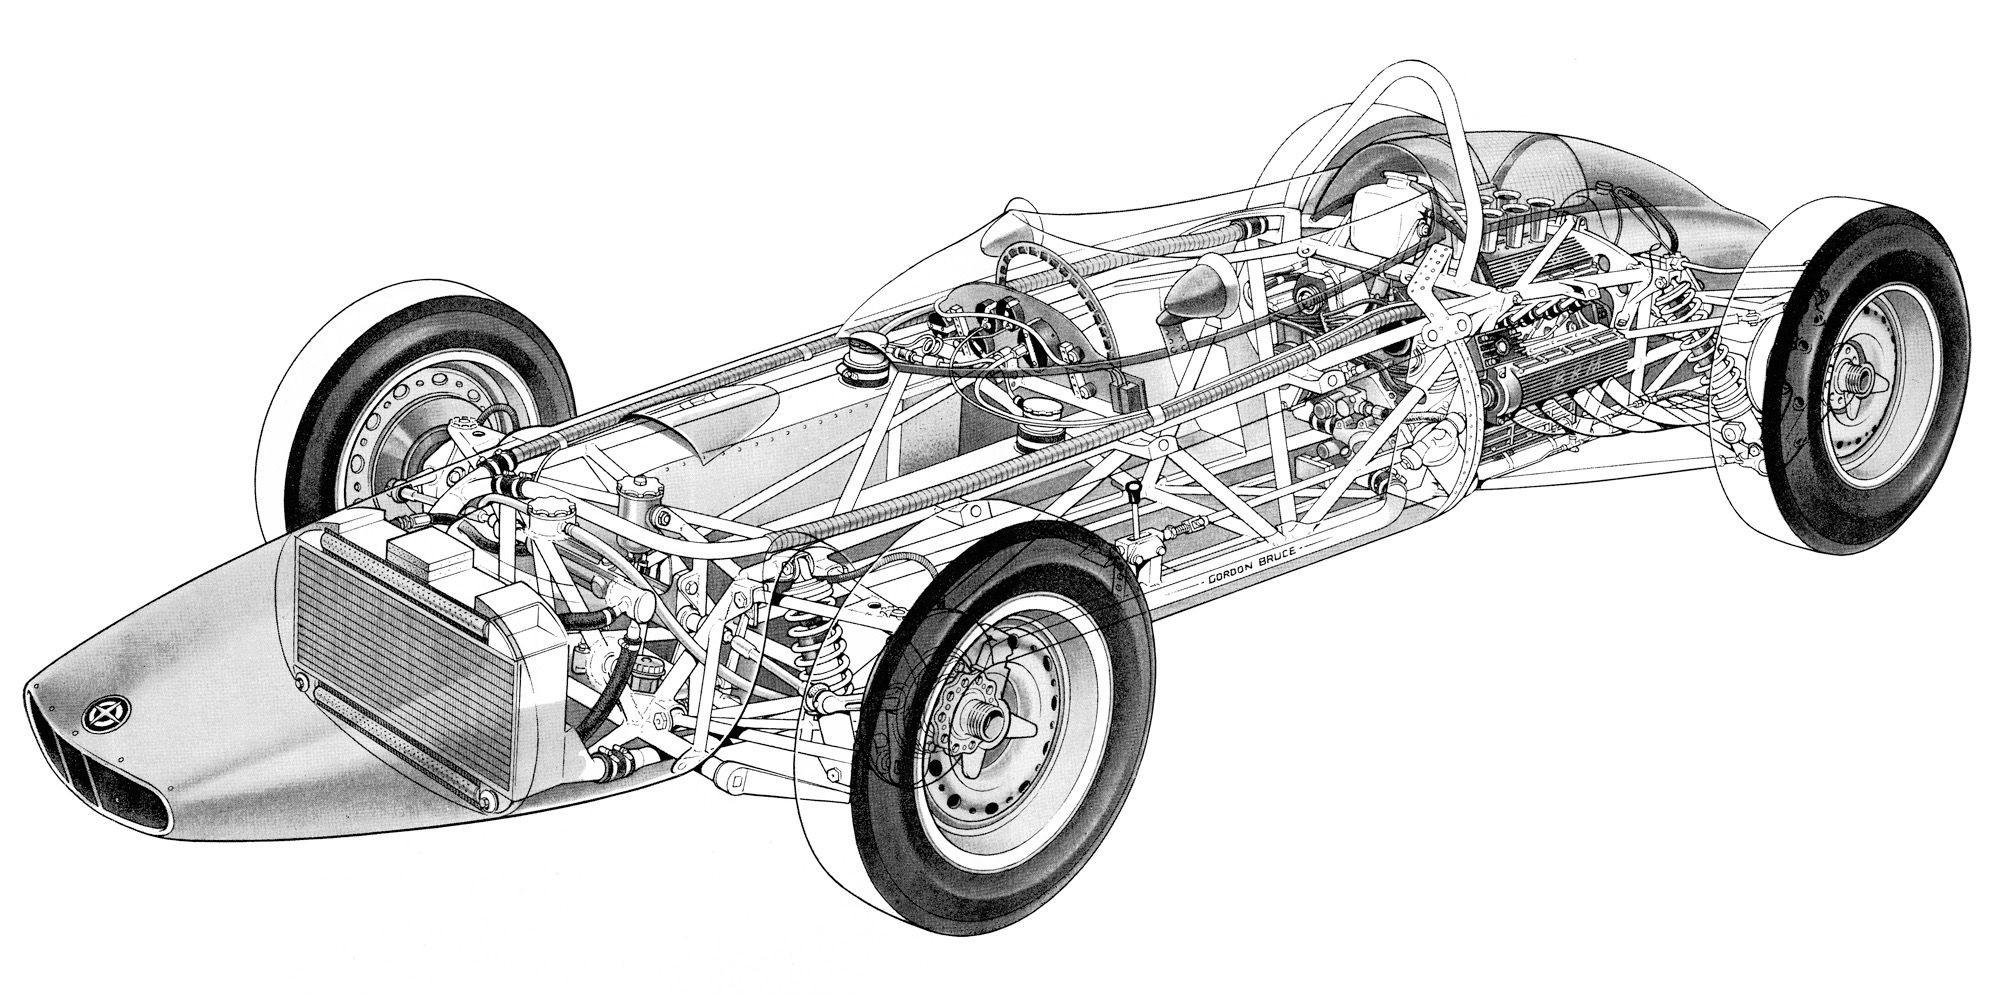 Car Skeleton Diagram Pin by Premier Of Hot Springs On Cutaways Pinterest Of Car Skeleton Diagram